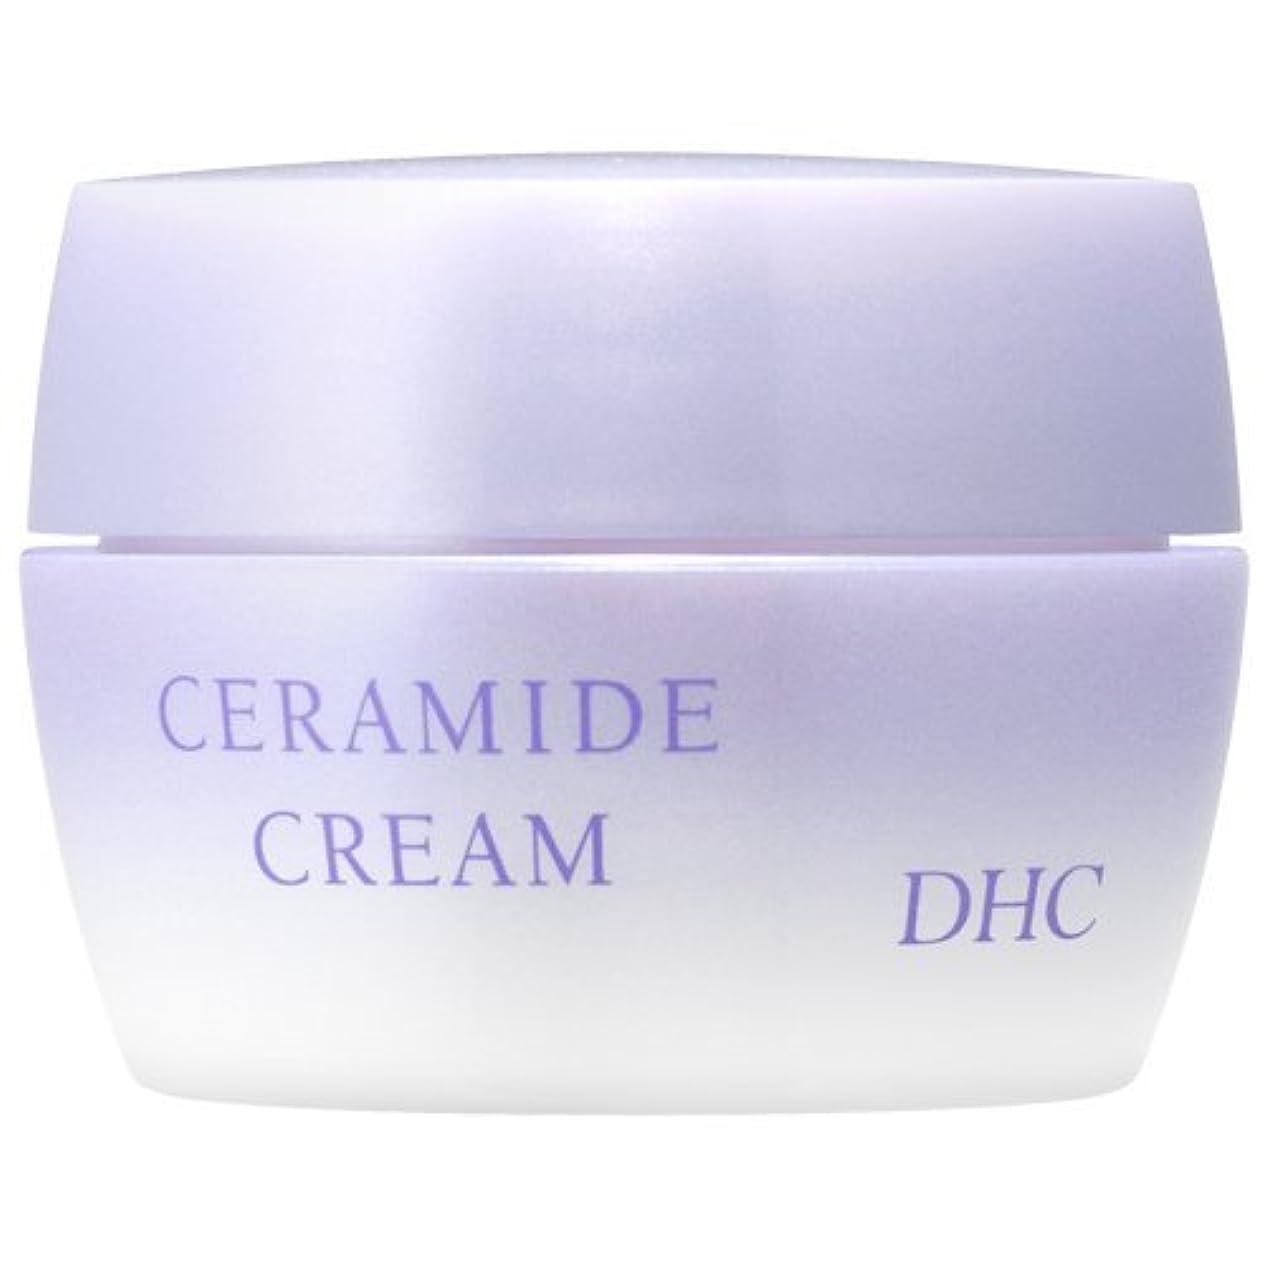 パスタ供給美容師【医薬部外品】DHC薬用セラミドクリーム